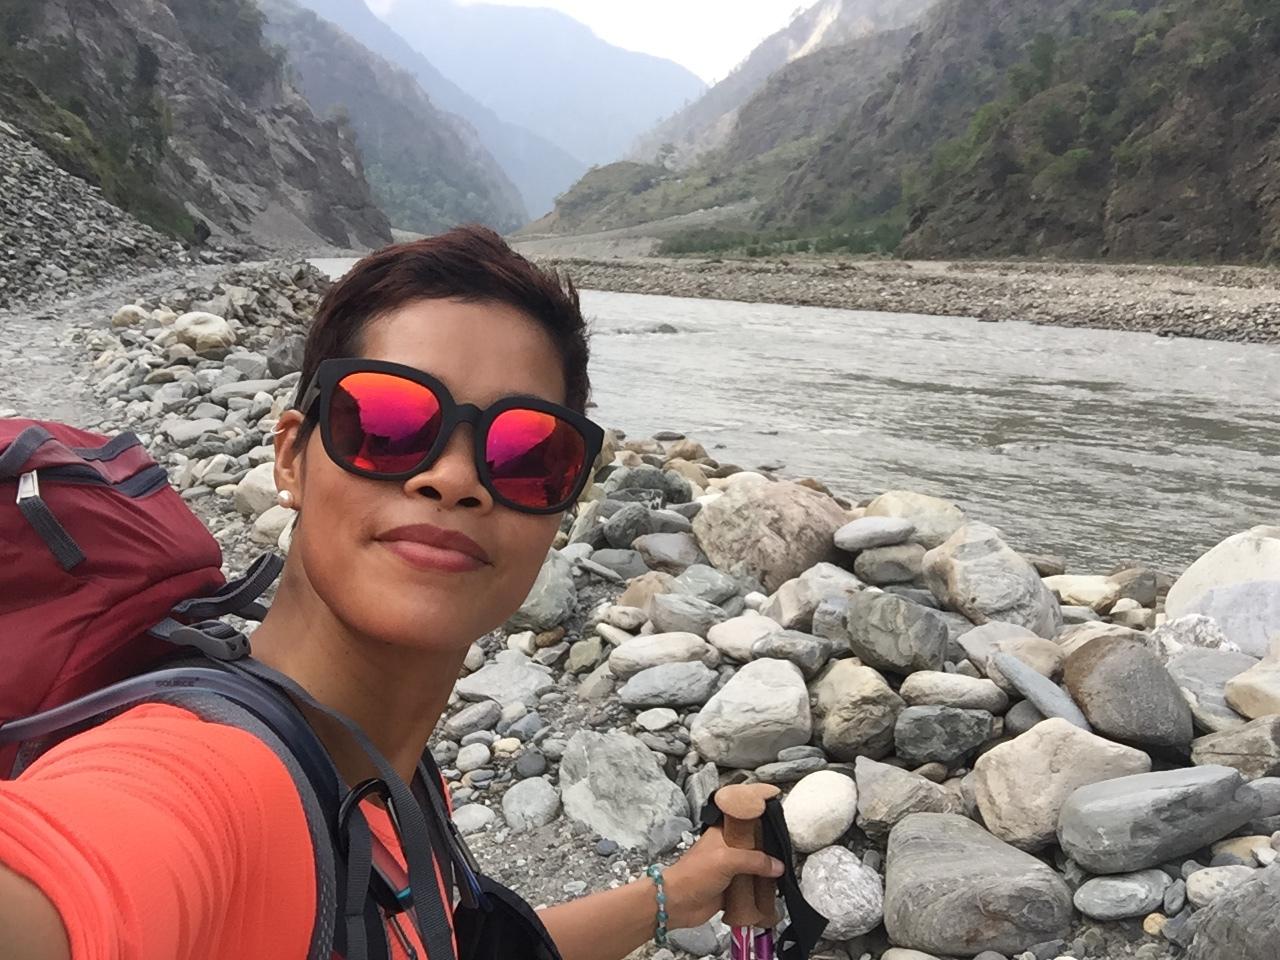 Con đường thi thoảng đi dưới lòng sông - Manaslu Circuit Trek